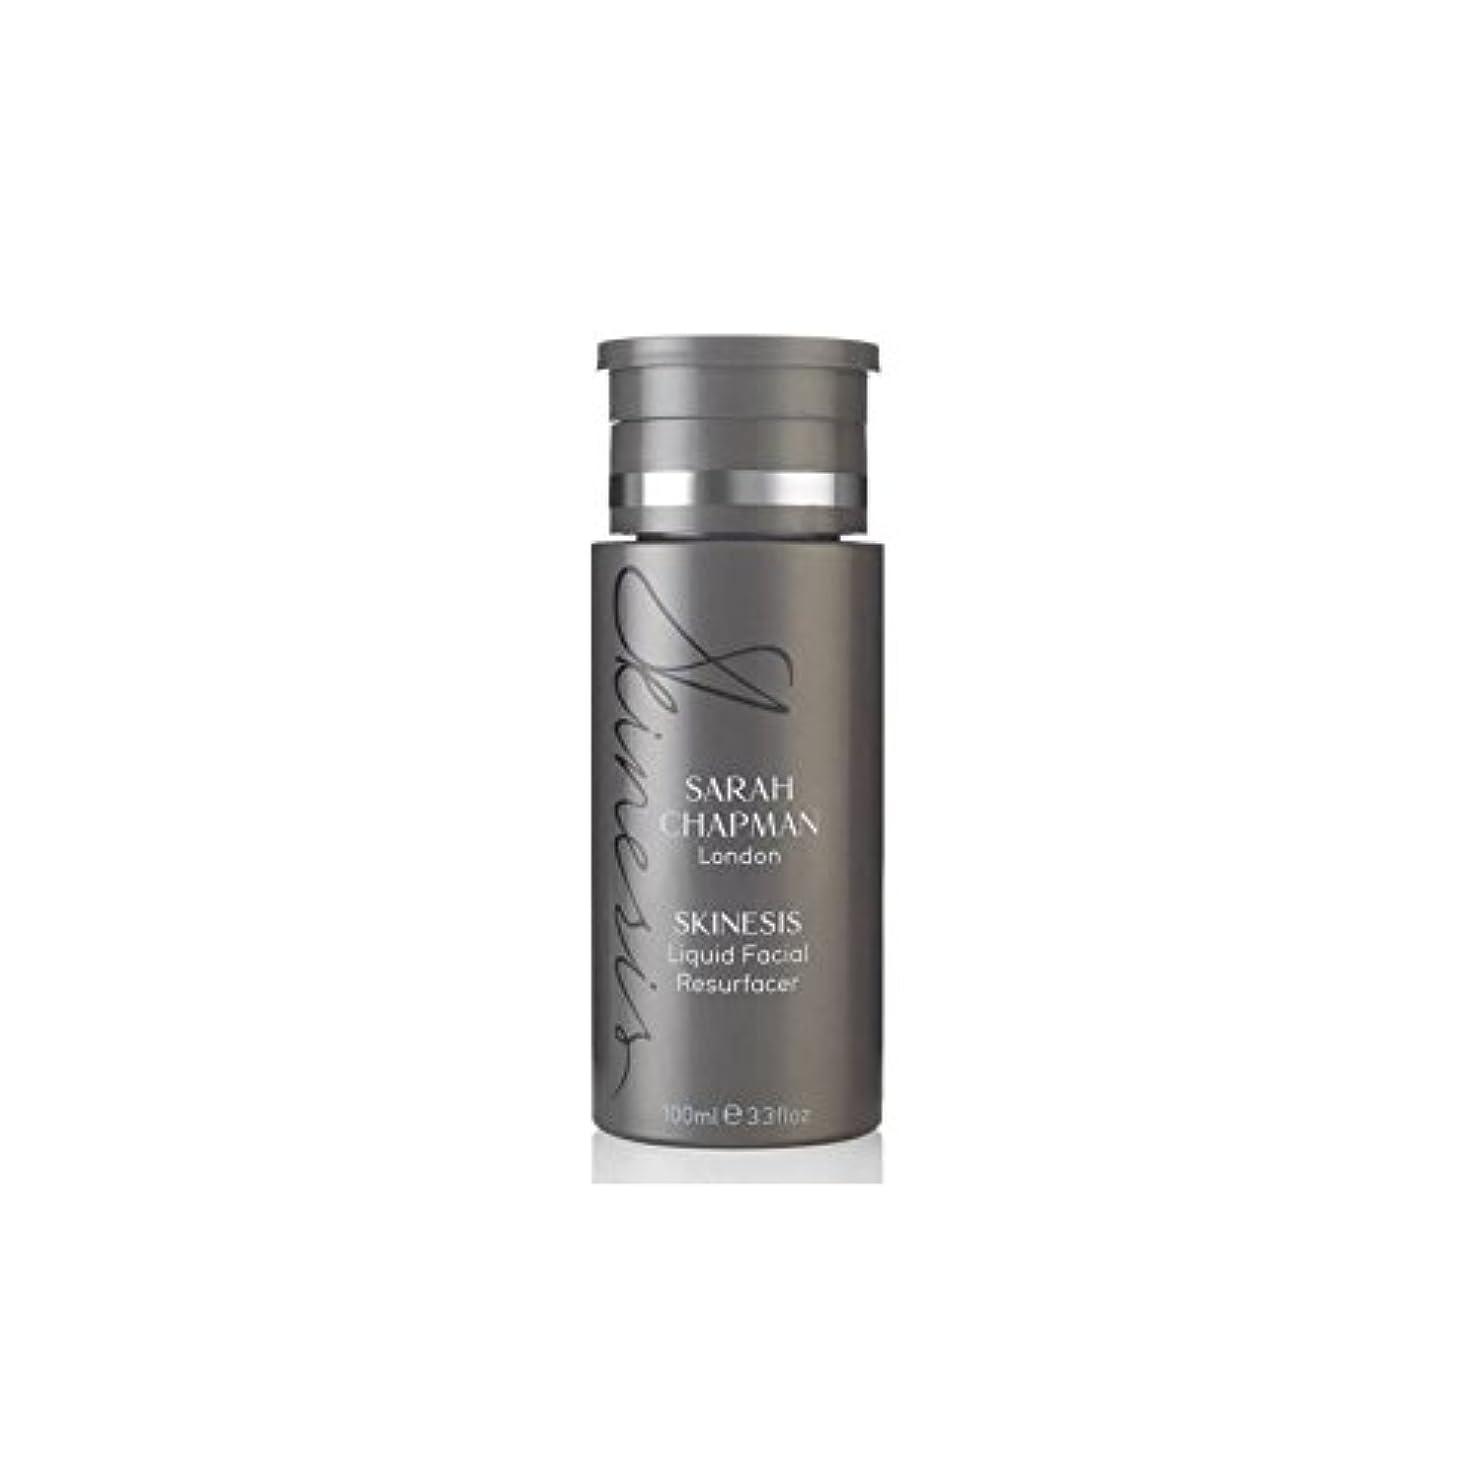 かび臭い乱用フックSarah Chapman Skinesis Liquid Facial Resurfacer (100ml) (Pack of 6) - サラチャップマン液体顔(100)に x6 [並行輸入品]